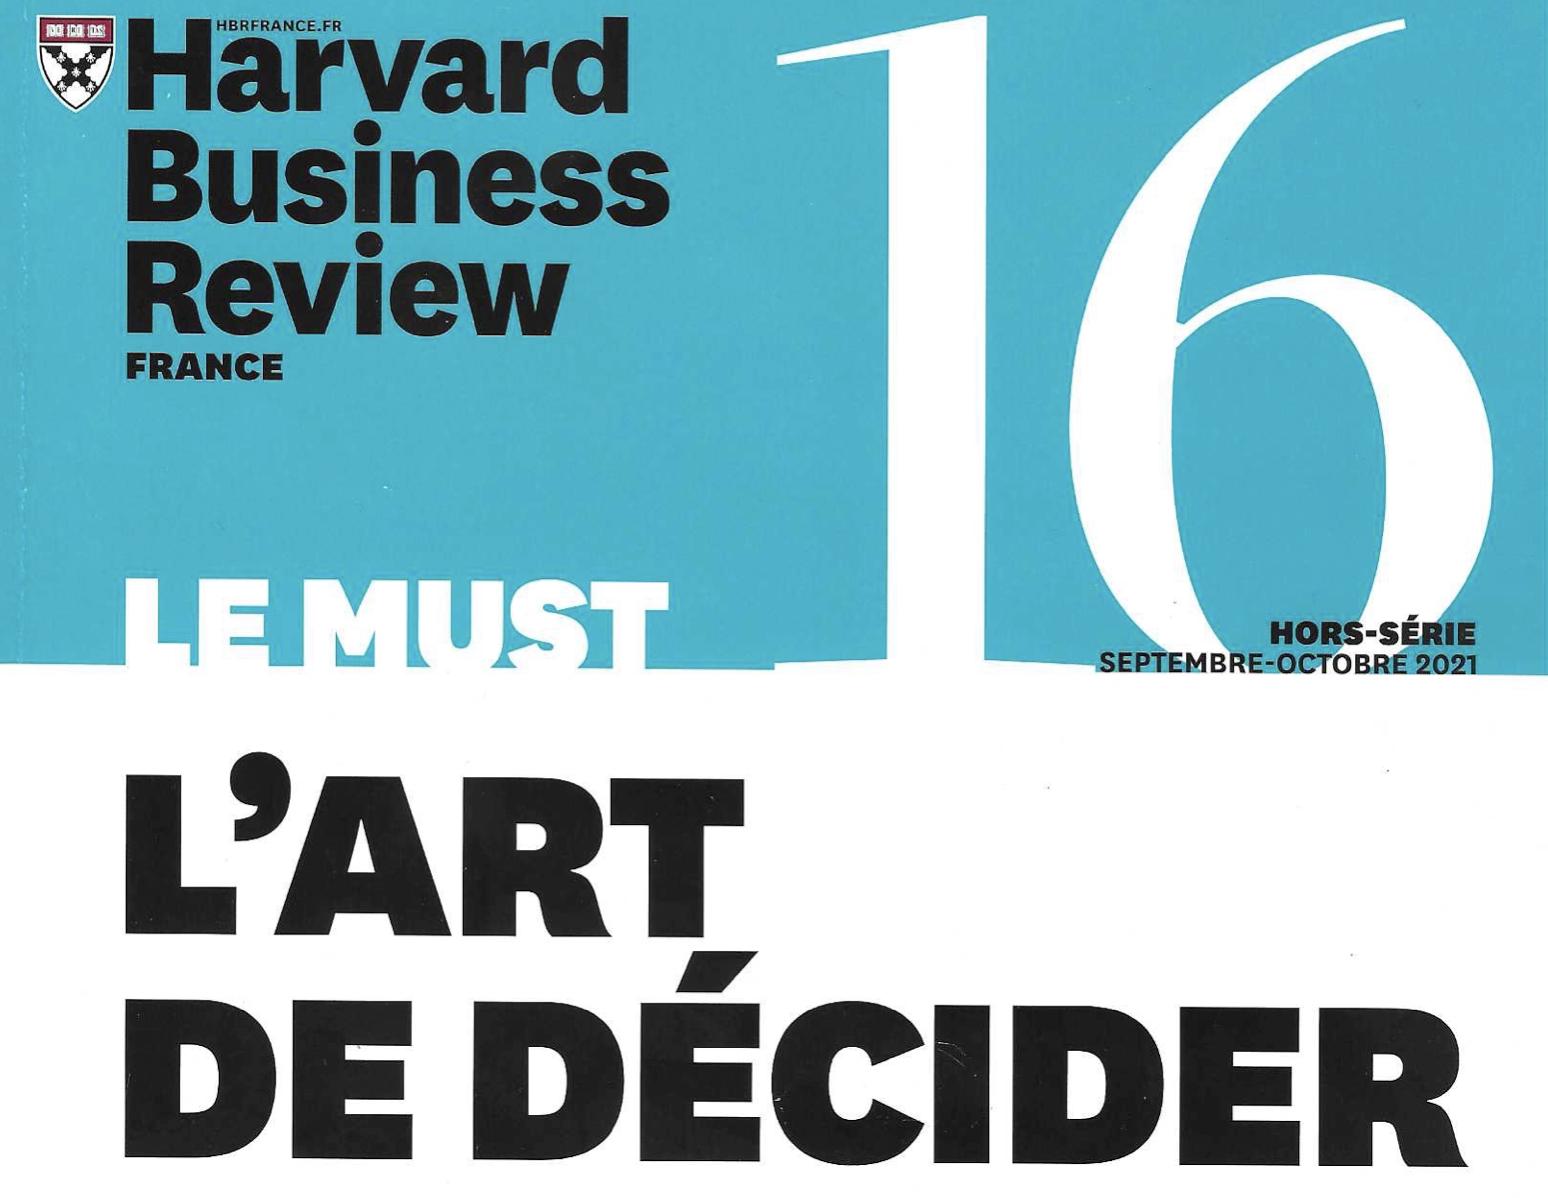 Leader positif et biais cognitifs dans Harvard Business Review oct 2021